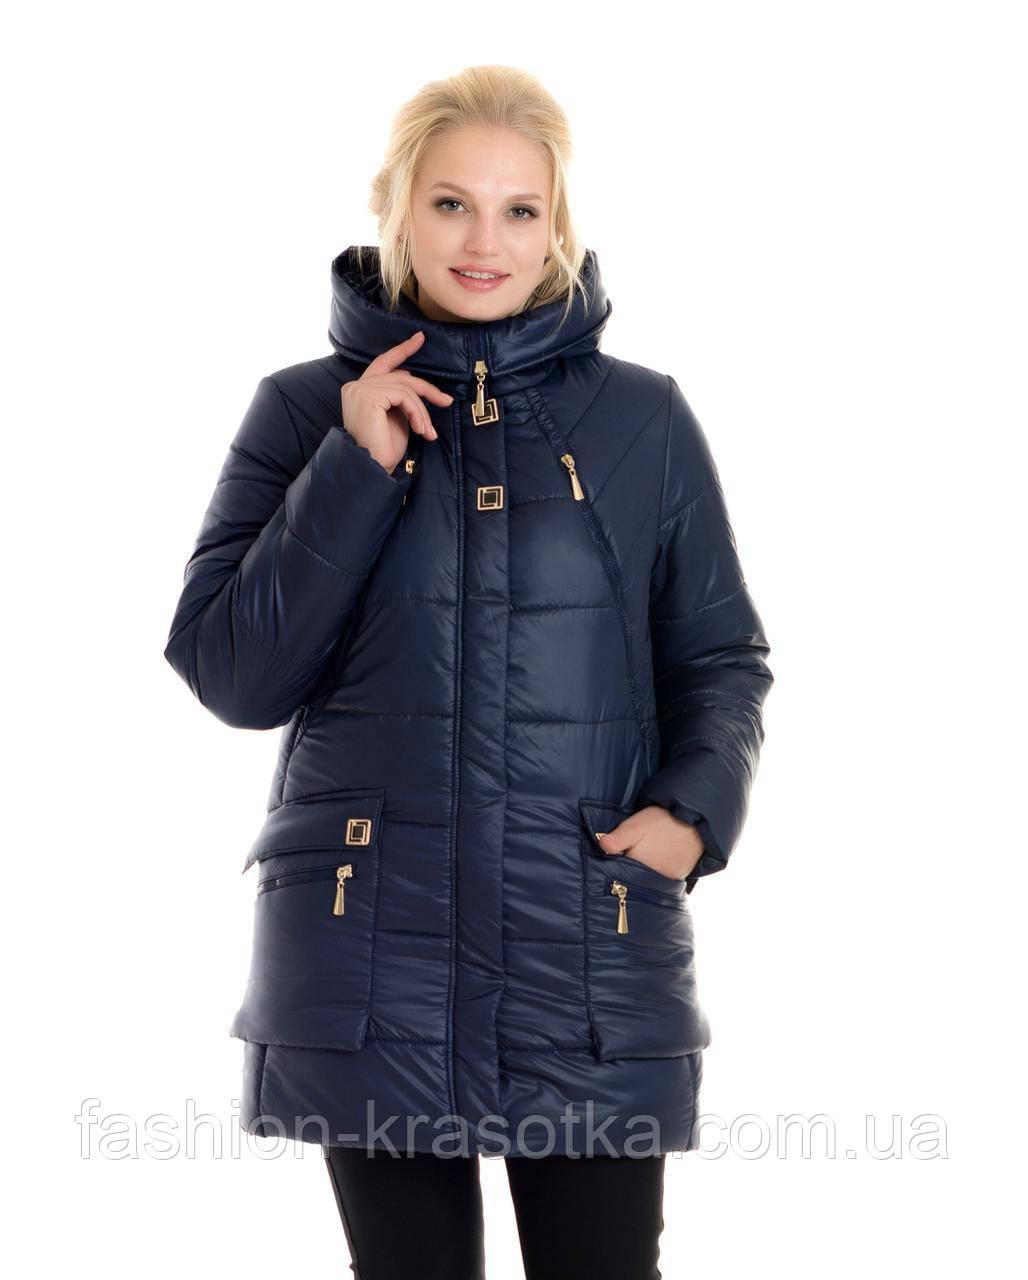 Стильный женский зимний пуховик синего цвета